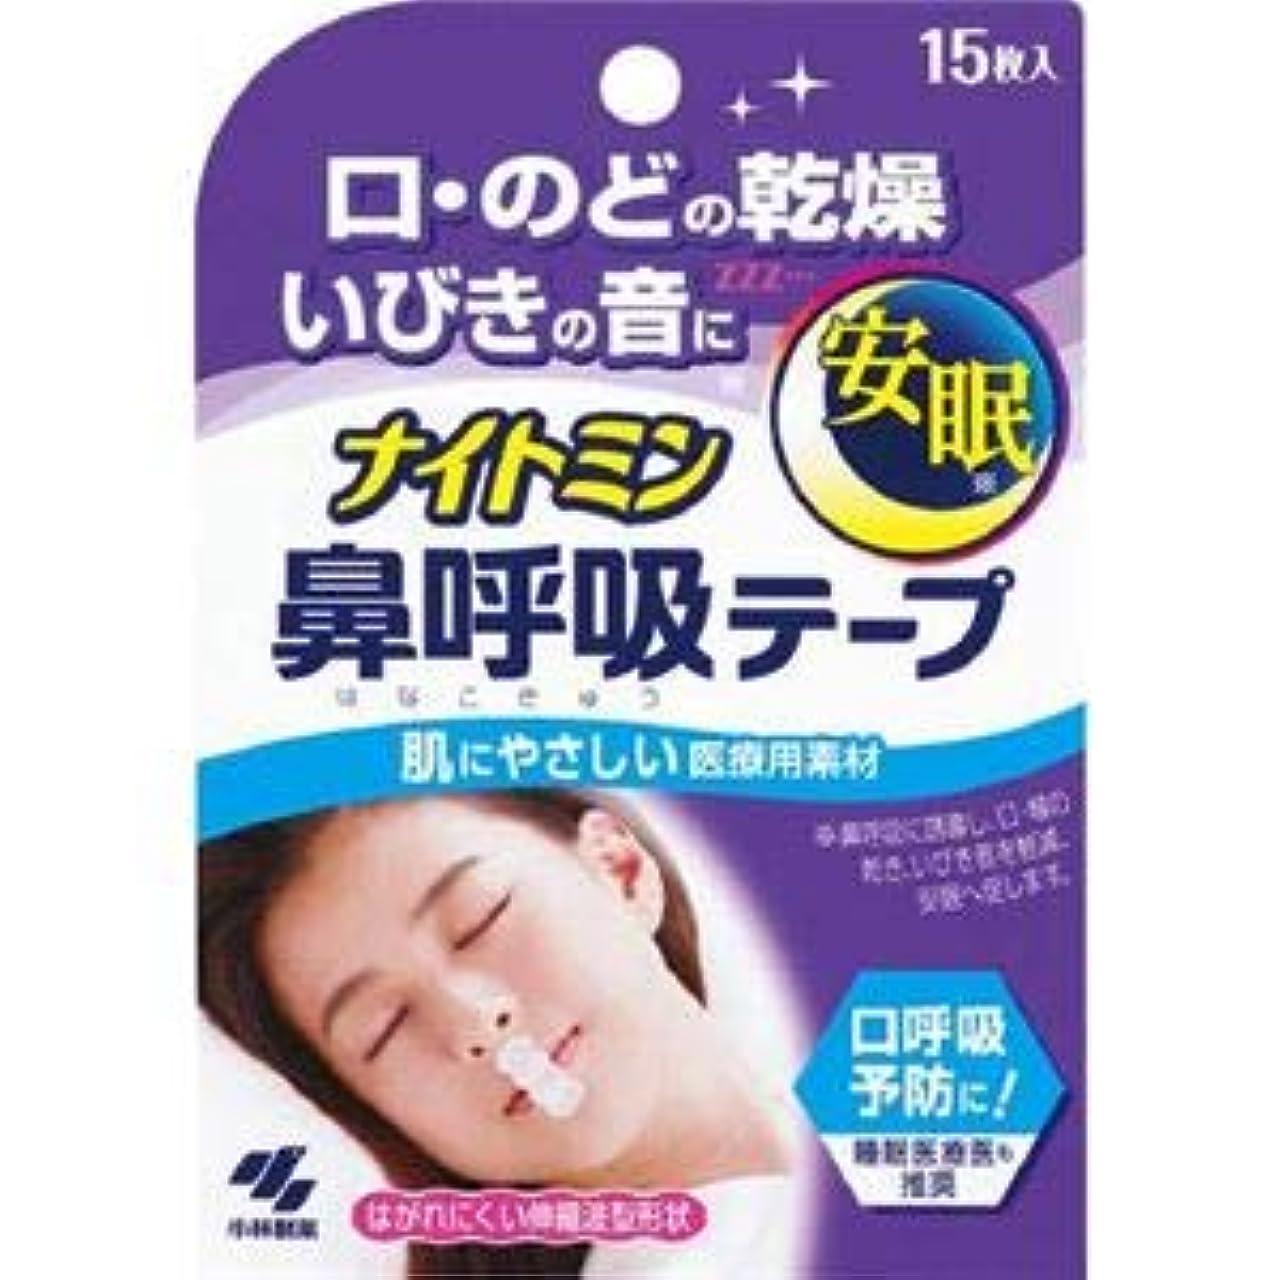 人里離れた感覚結び目(まとめ)小林製薬 ナイトミン 鼻呼吸テープ 【×3点セット】